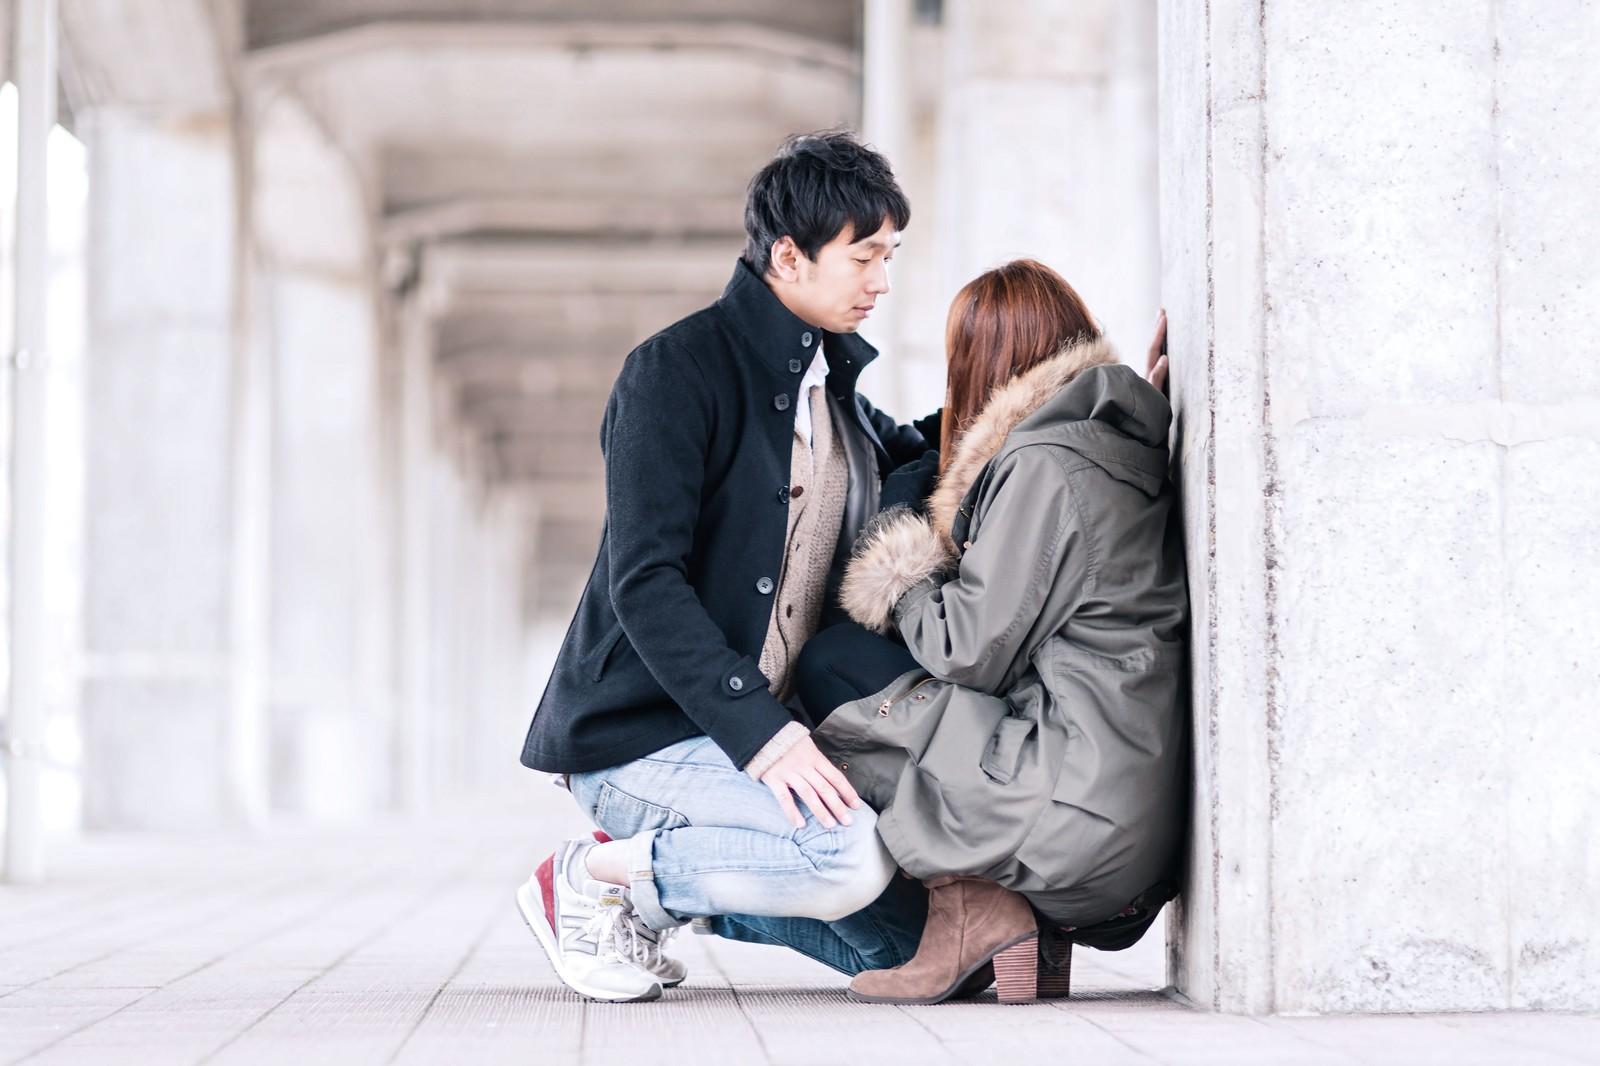 カップル必見!倦怠期を乗り越えて愛を復活させる方法を徹底解説。